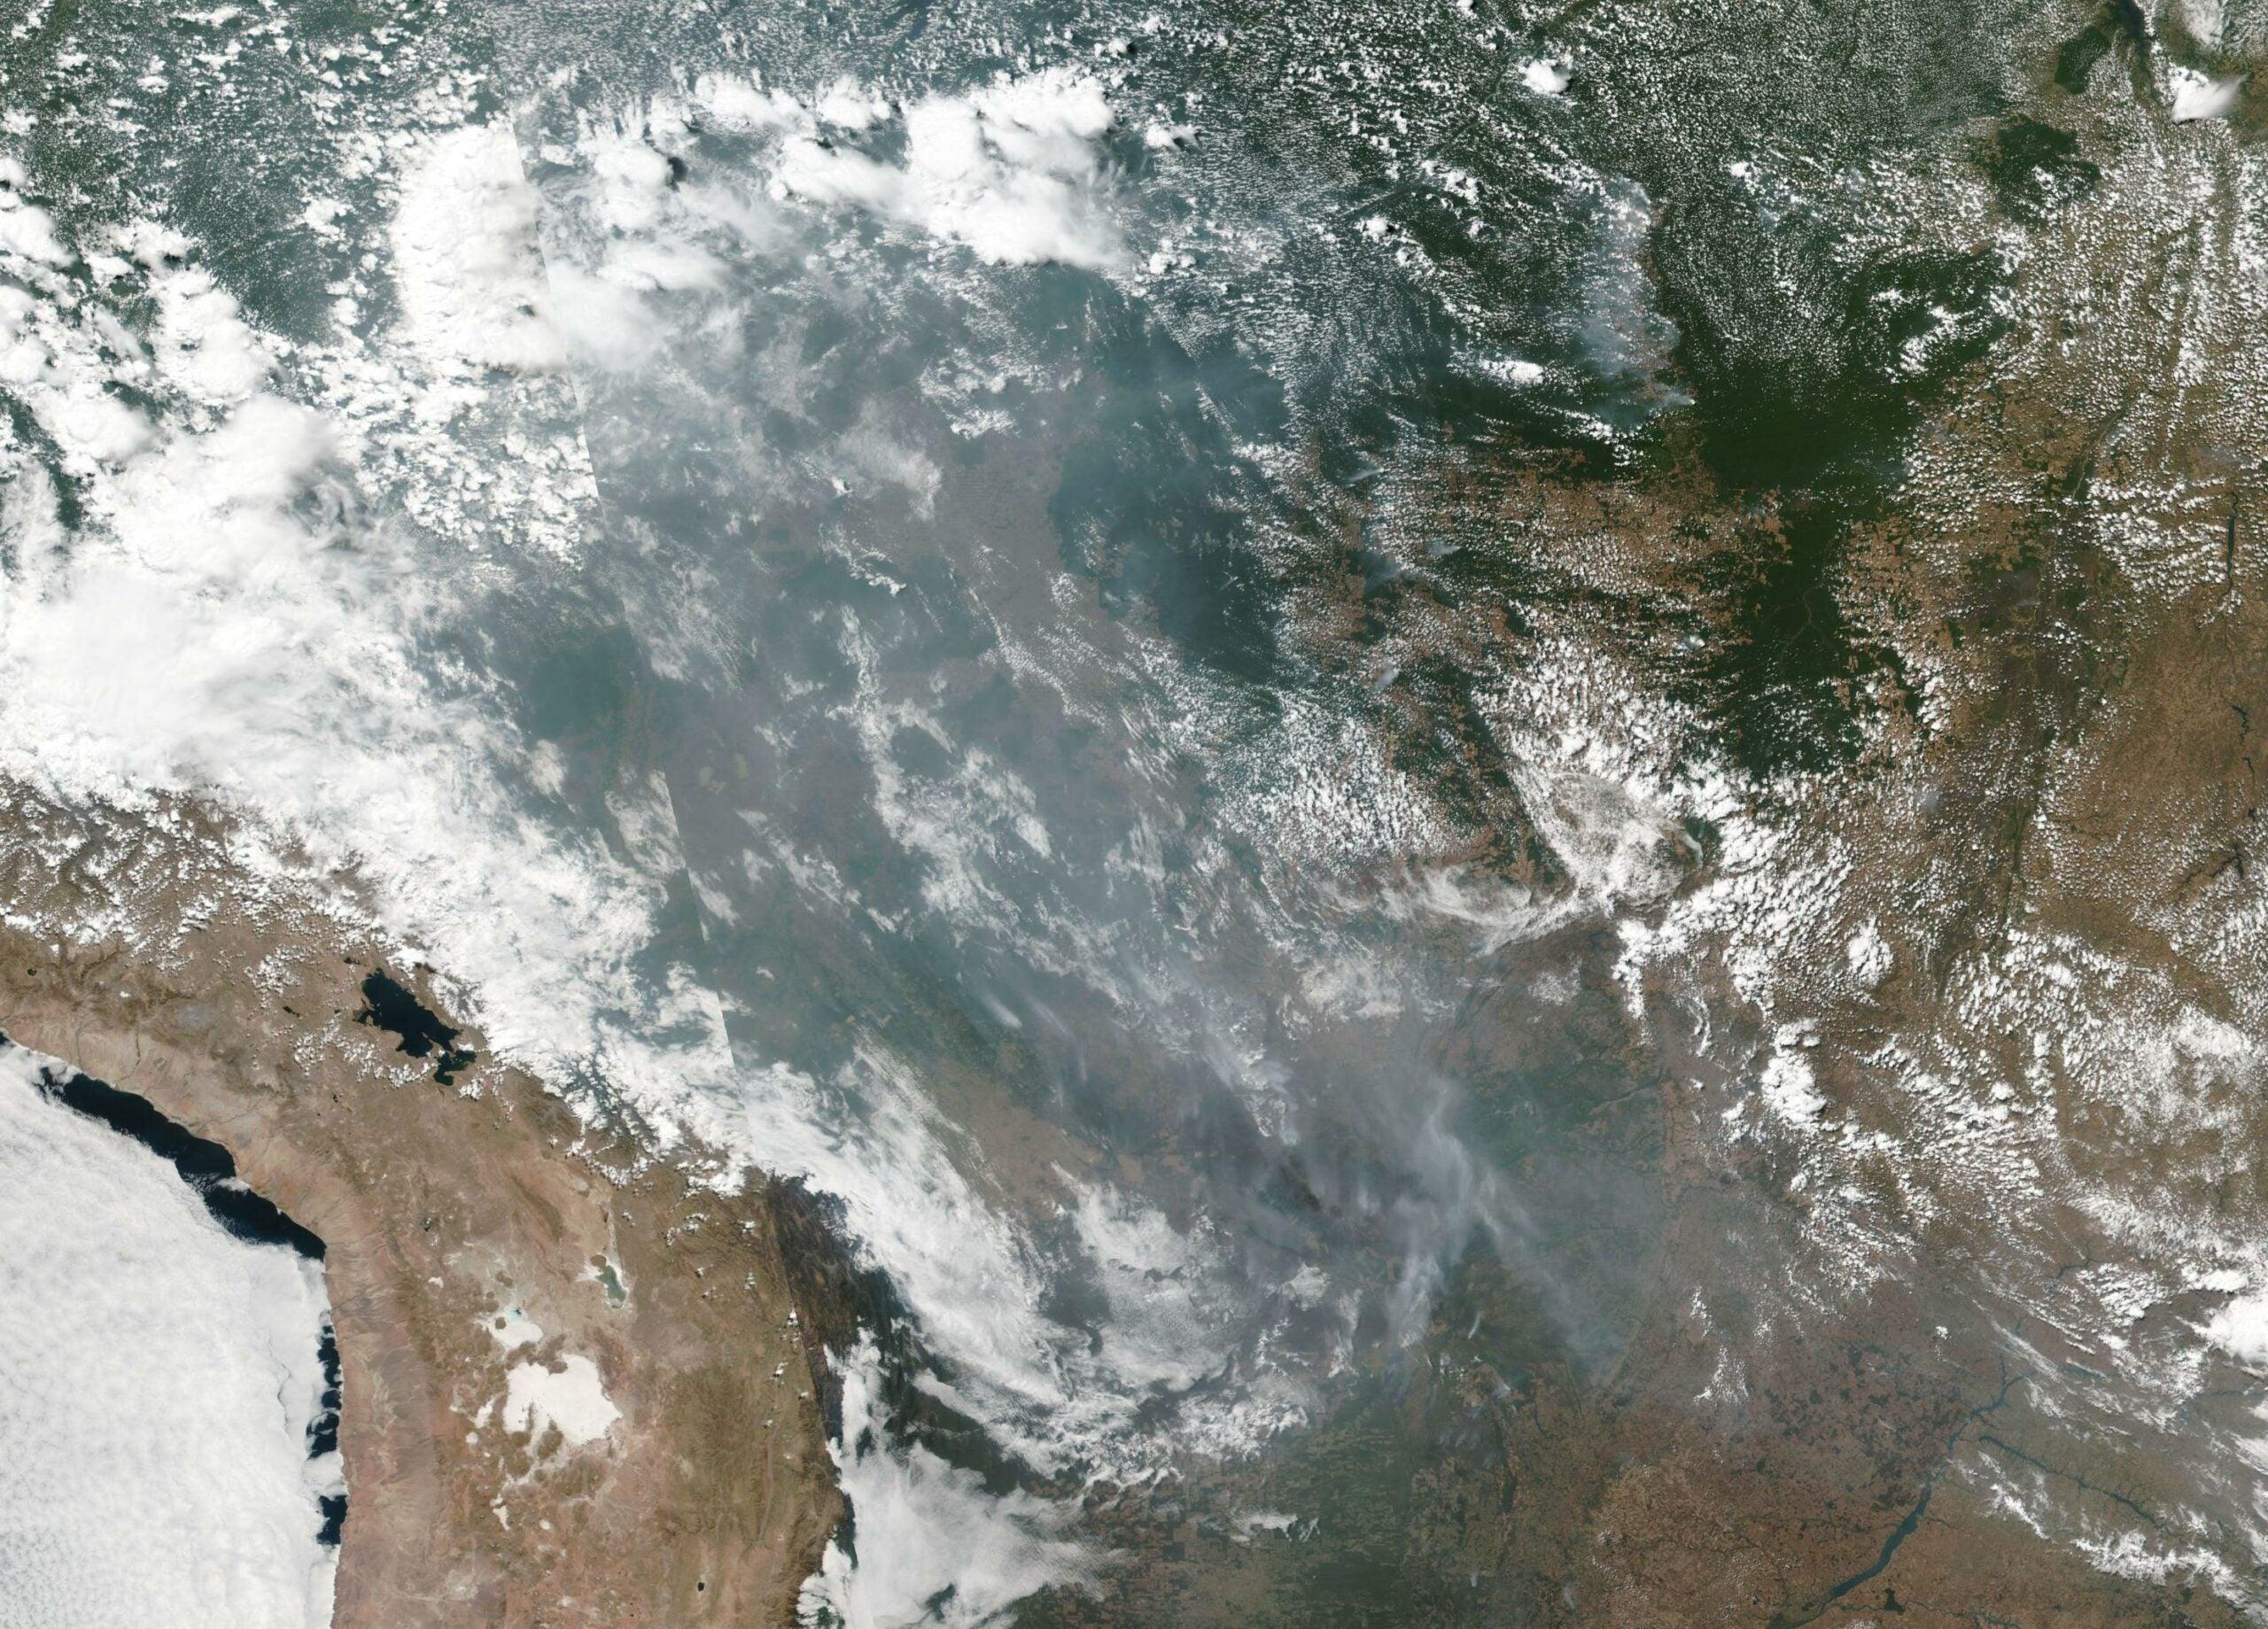 Burning Amazon Rainforest